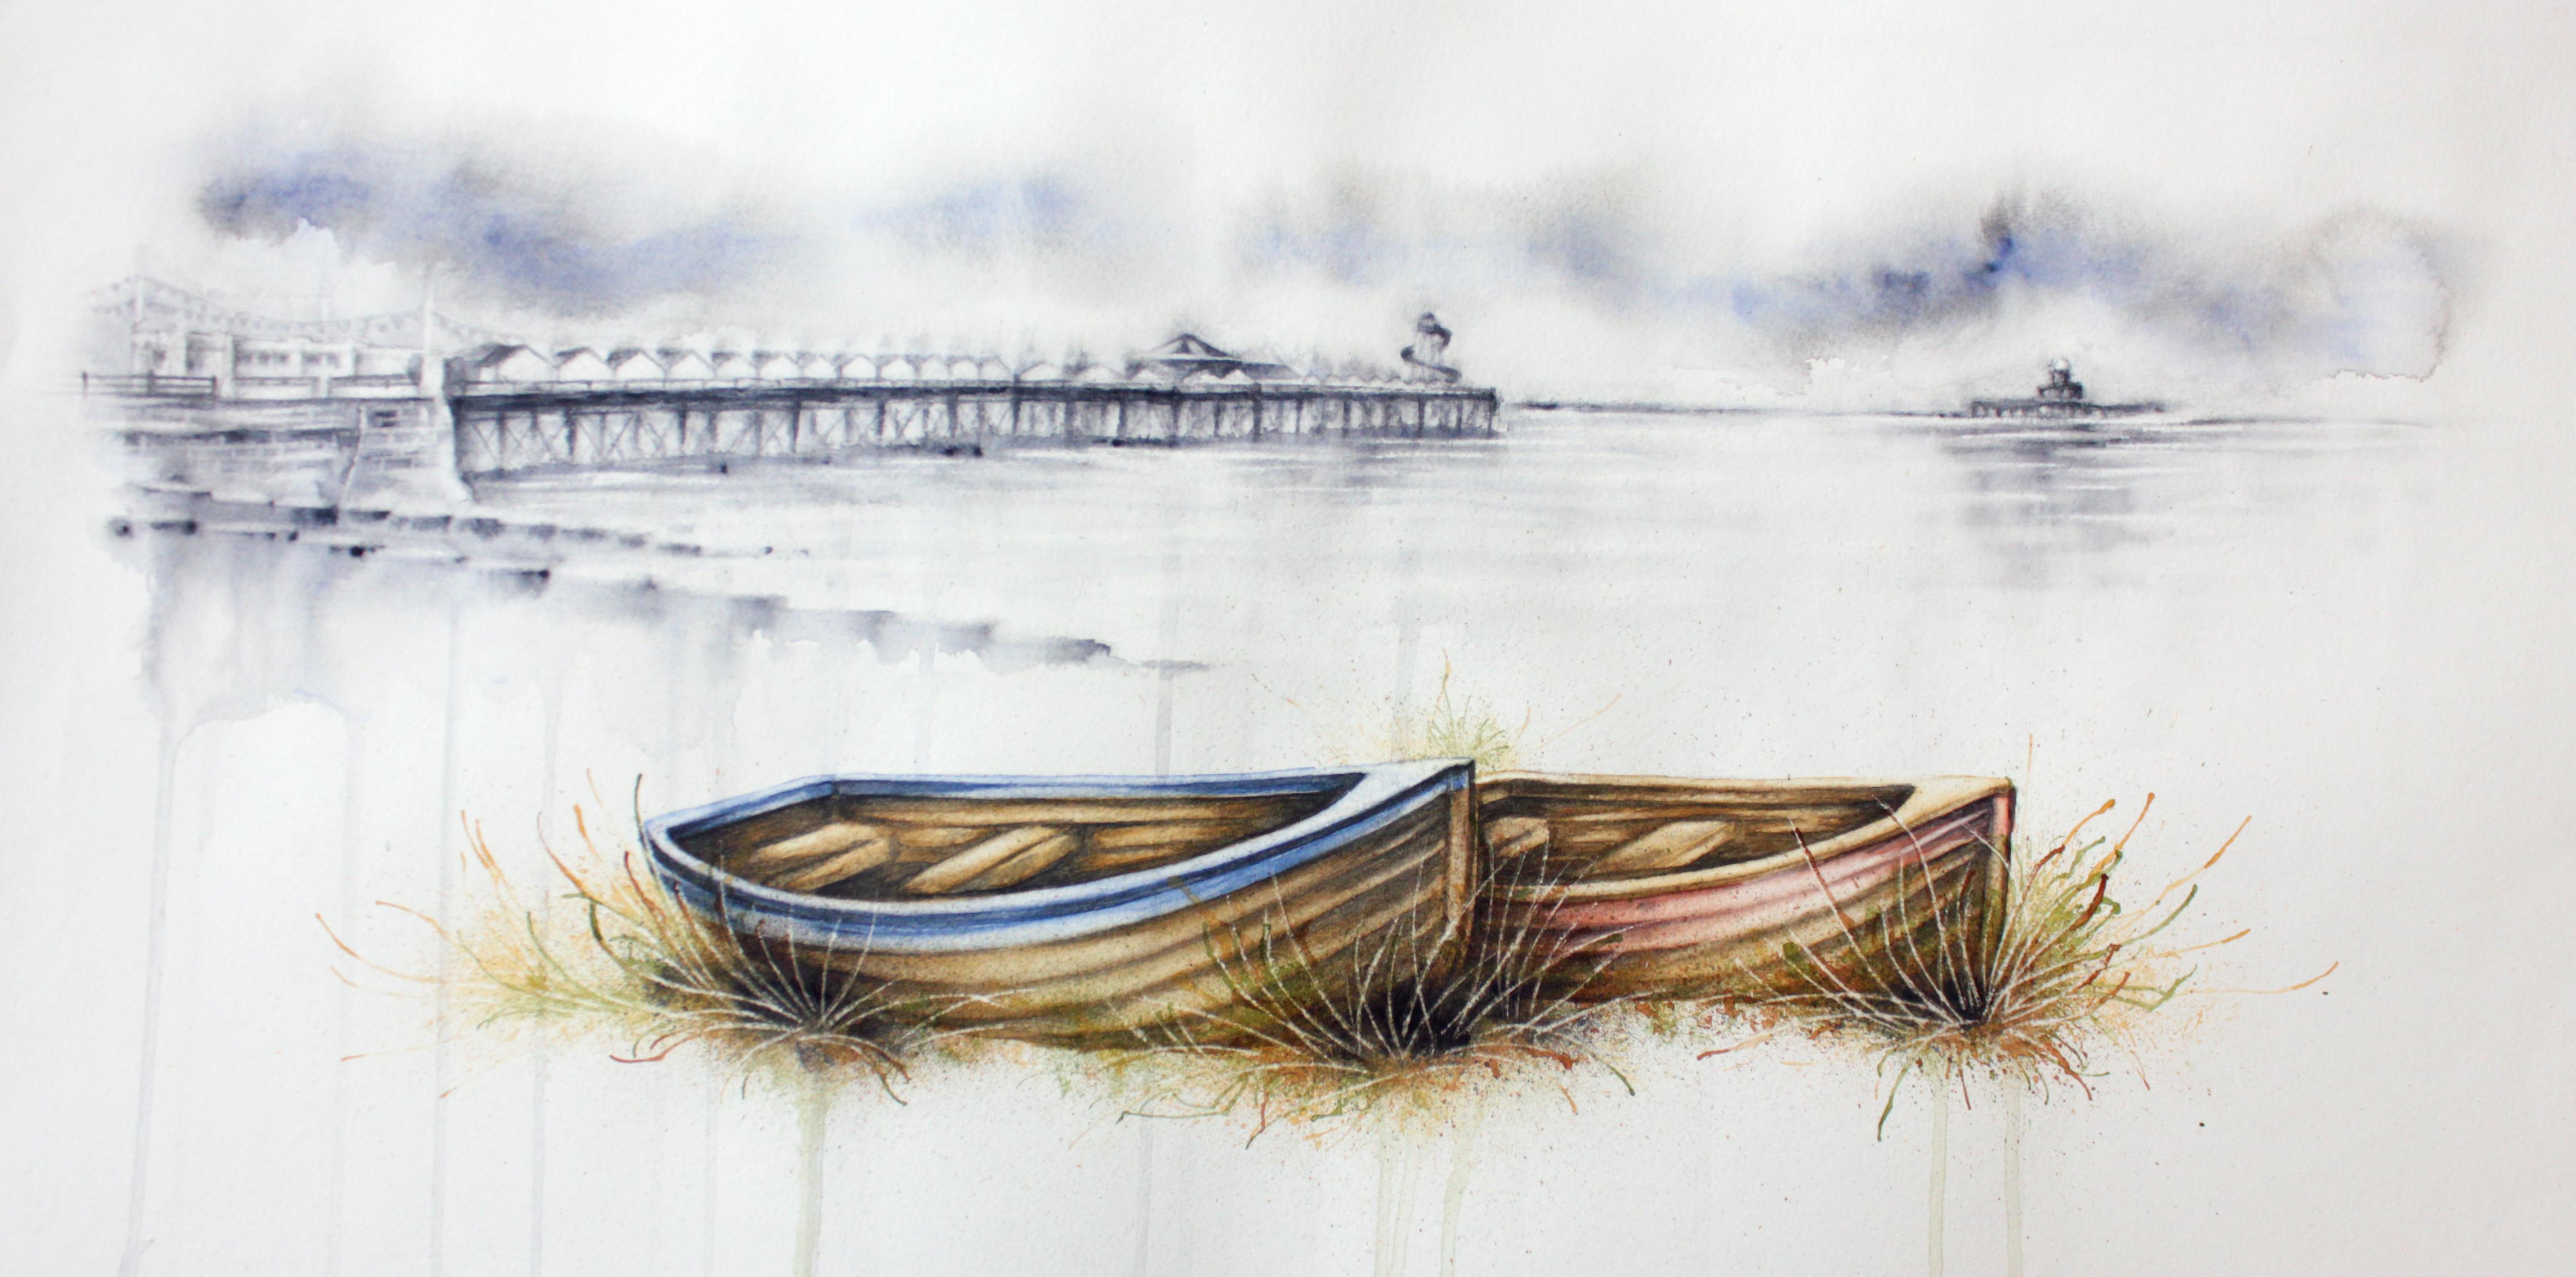 Herne Bay piers